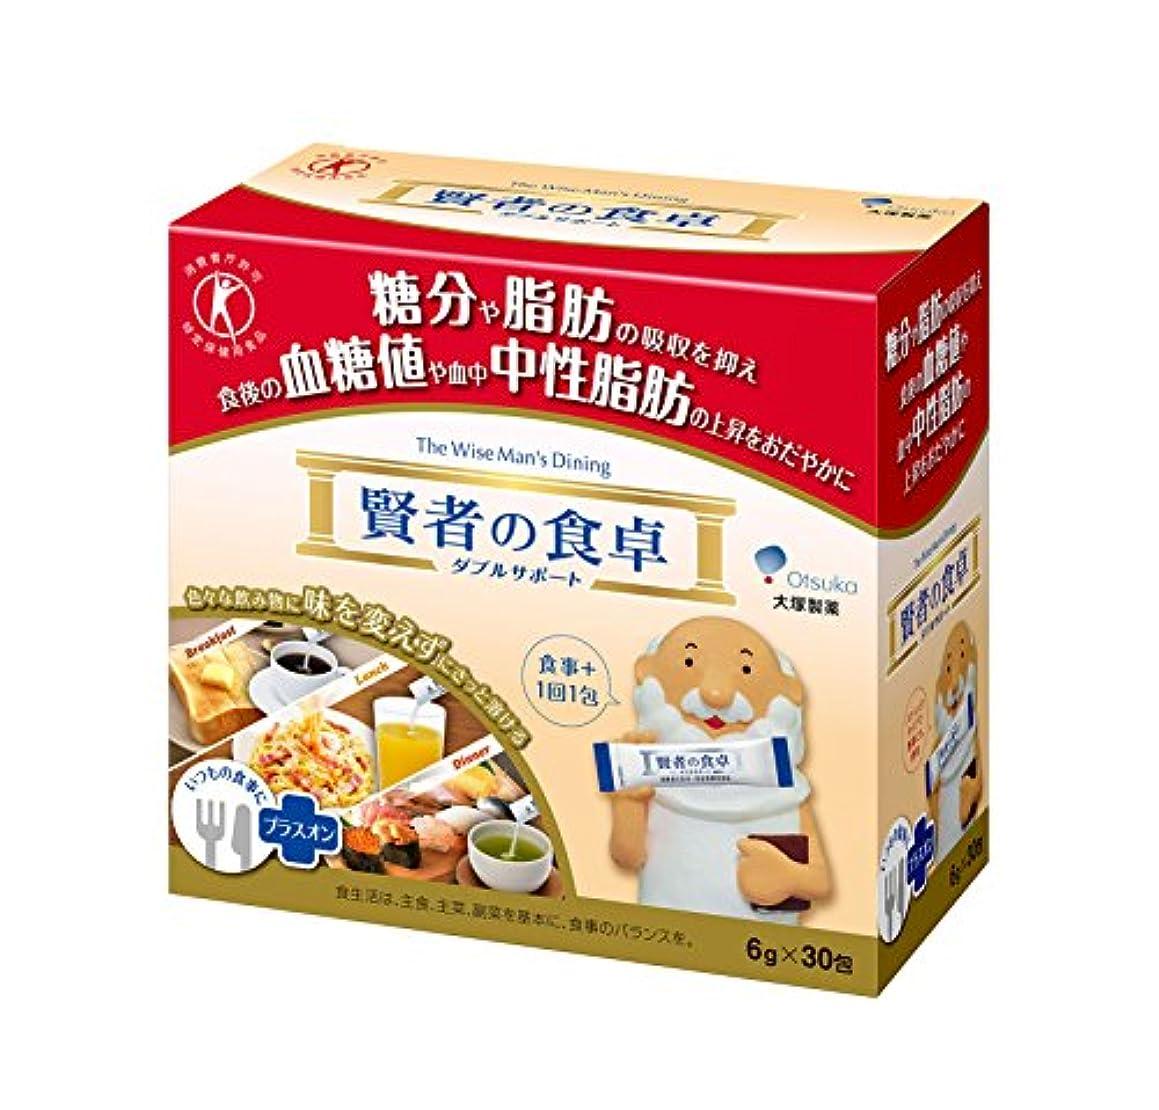 高齢者極めて重要な協同大塚製薬 賢者の食卓 ダブルサポート 6g×30包 【特定保健用食品】